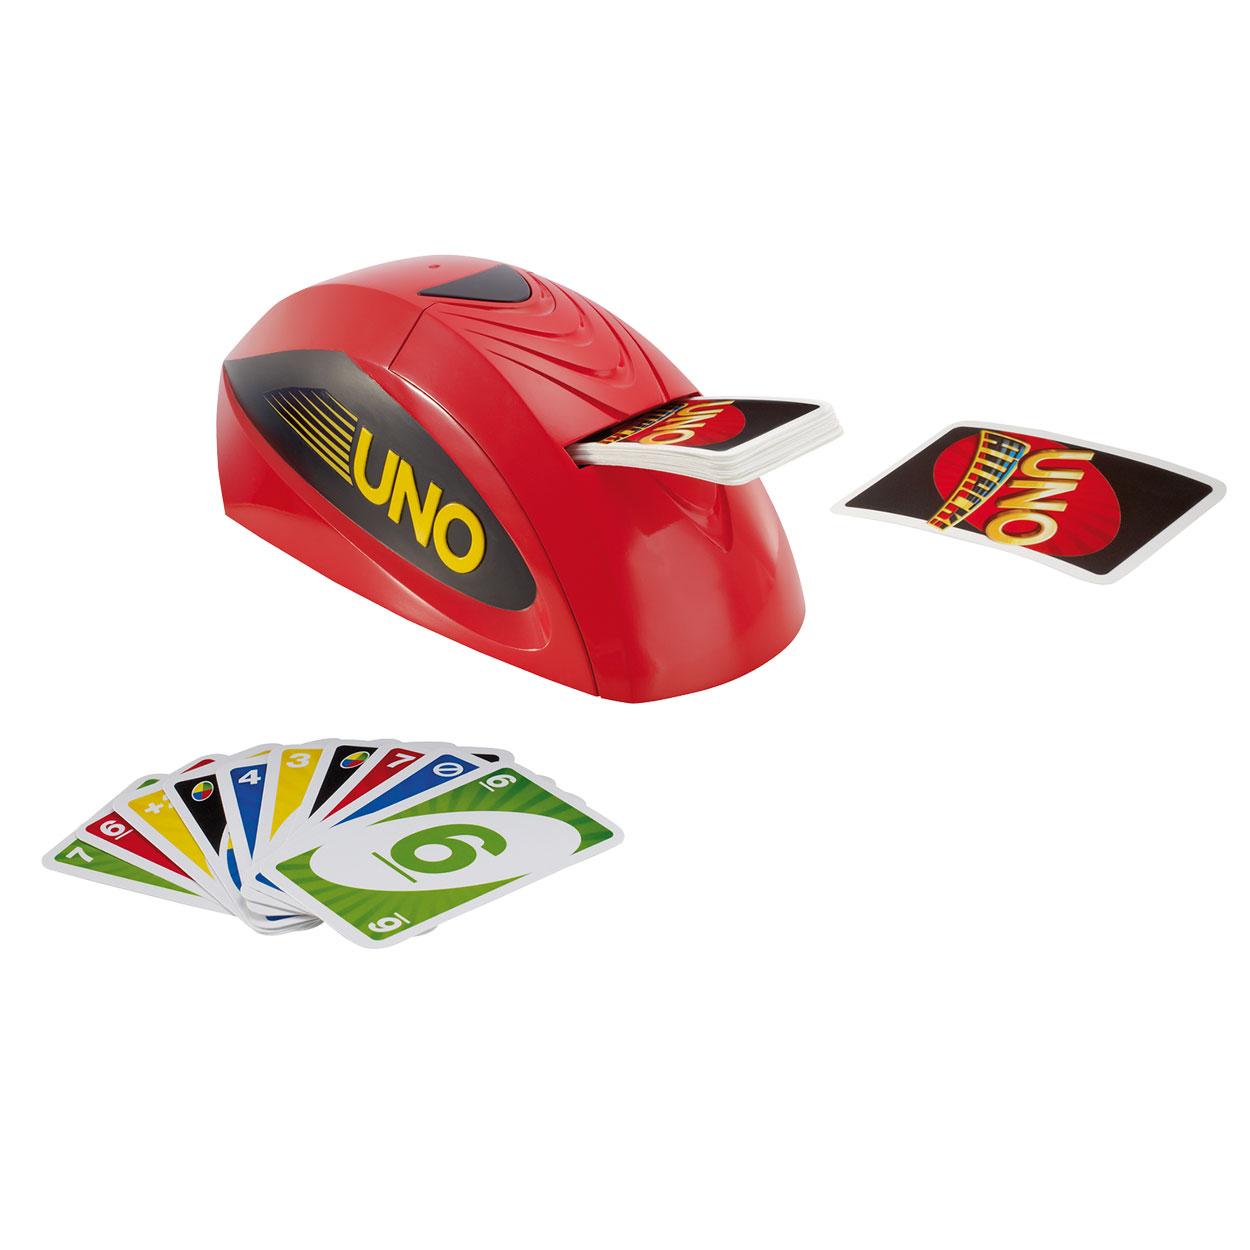 UNO Extreme online kopen | Lobbes Speelgoed